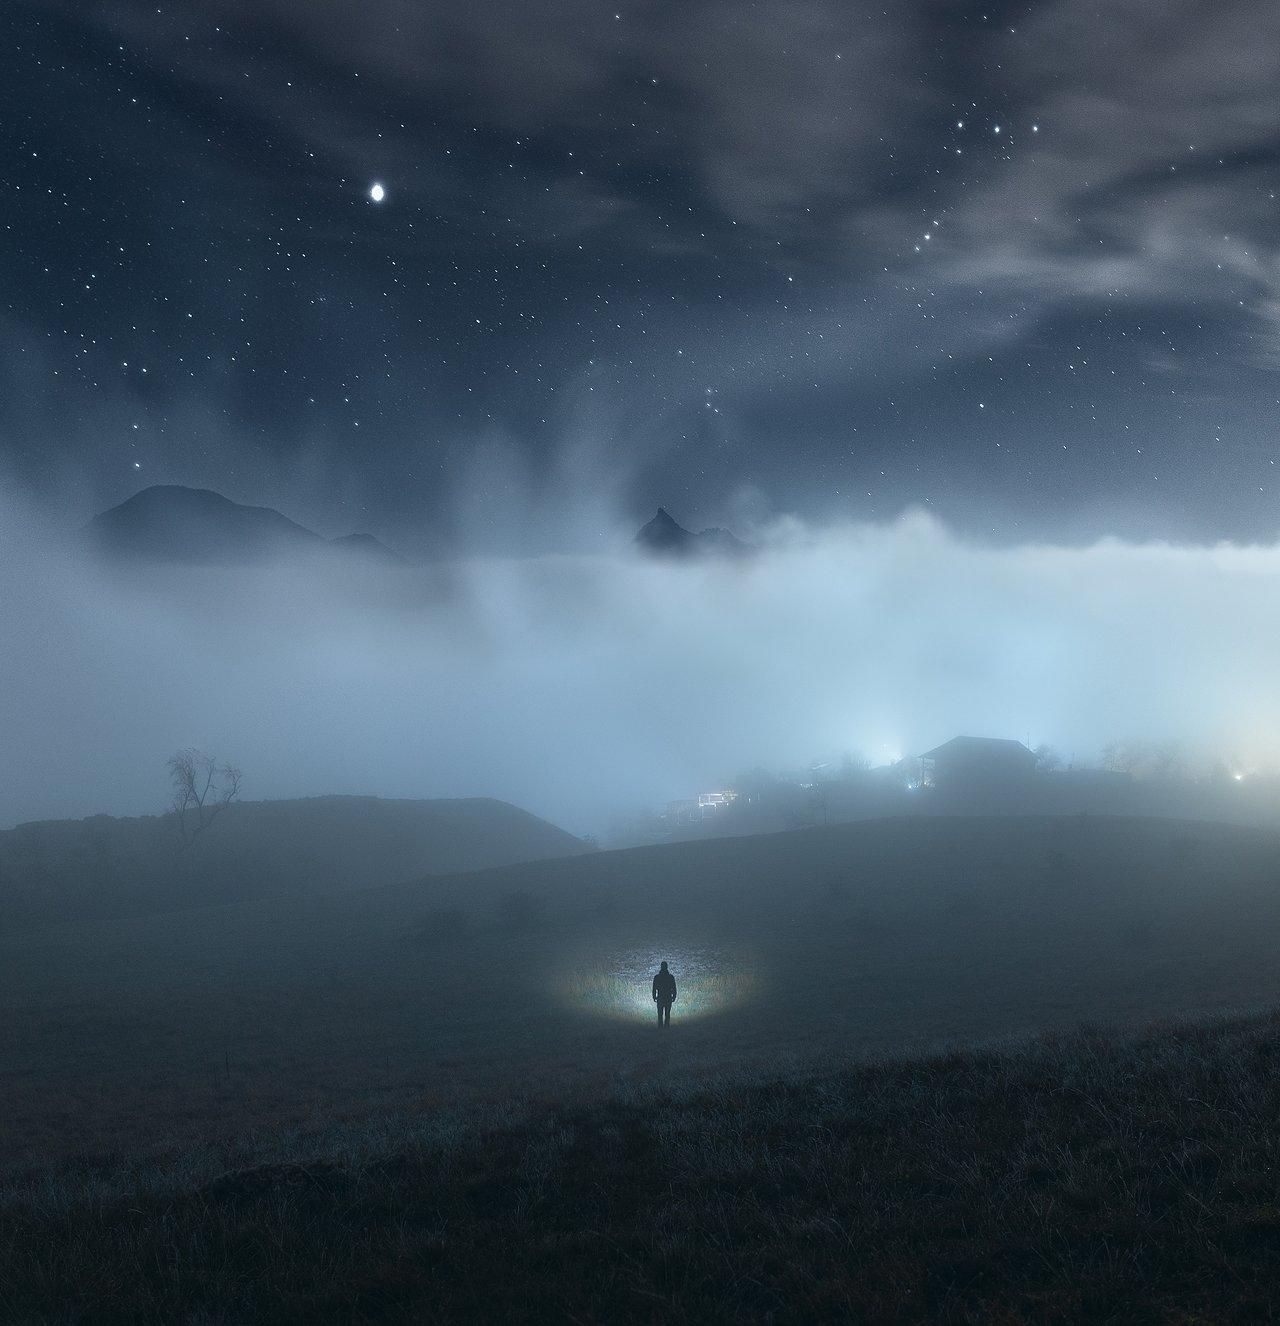 крым, коктебель, карадаг, феодосия, ночной пейзаж, Александр Трашин